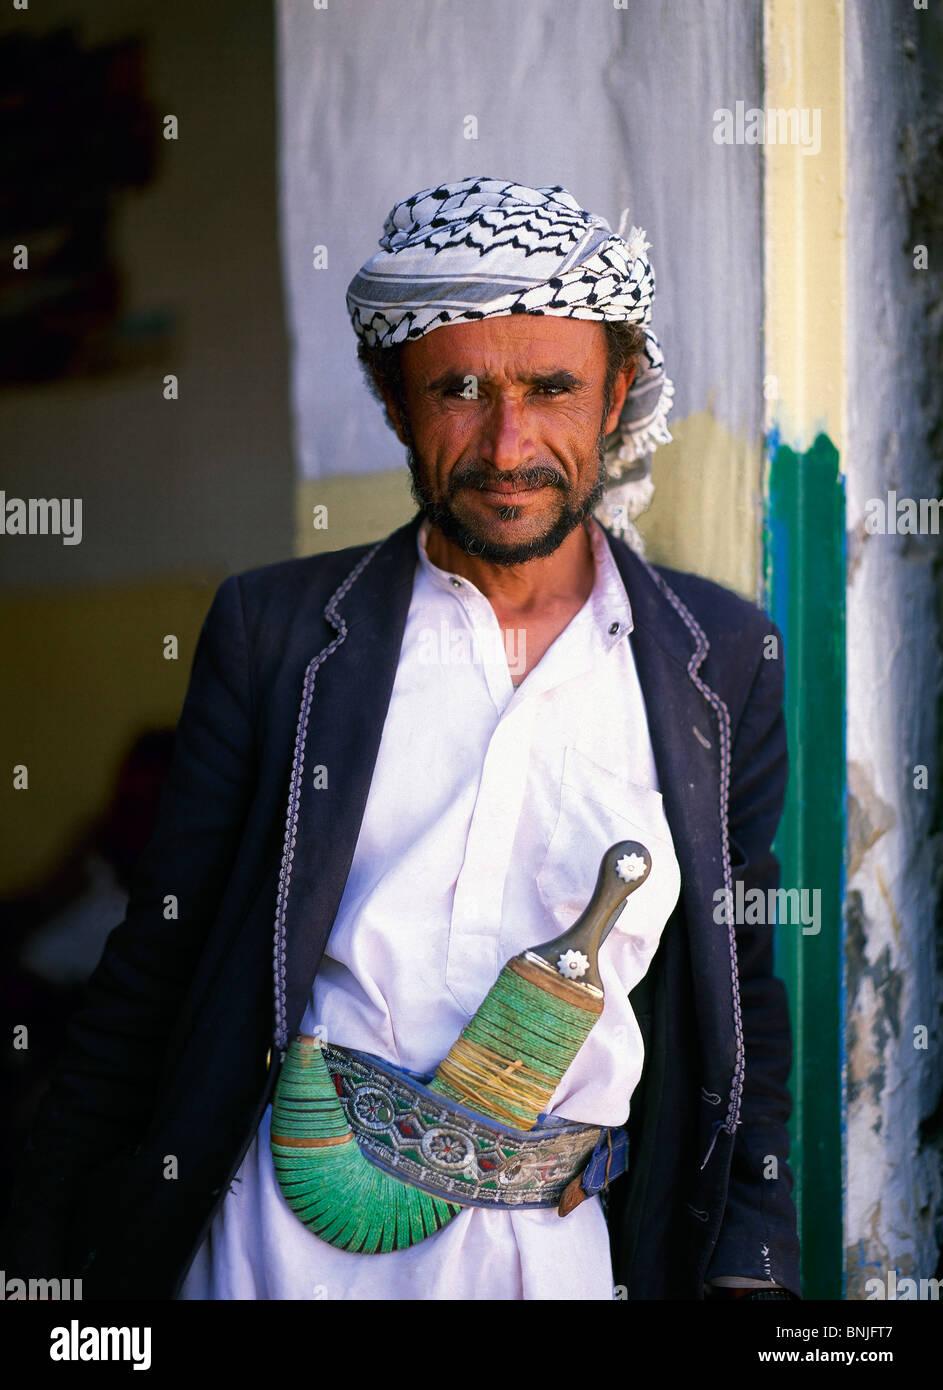 Février 2005 La ville de Sanaa Yémen homme Local avec poignard Jambiya traditionnel personne portrait Photo Stock